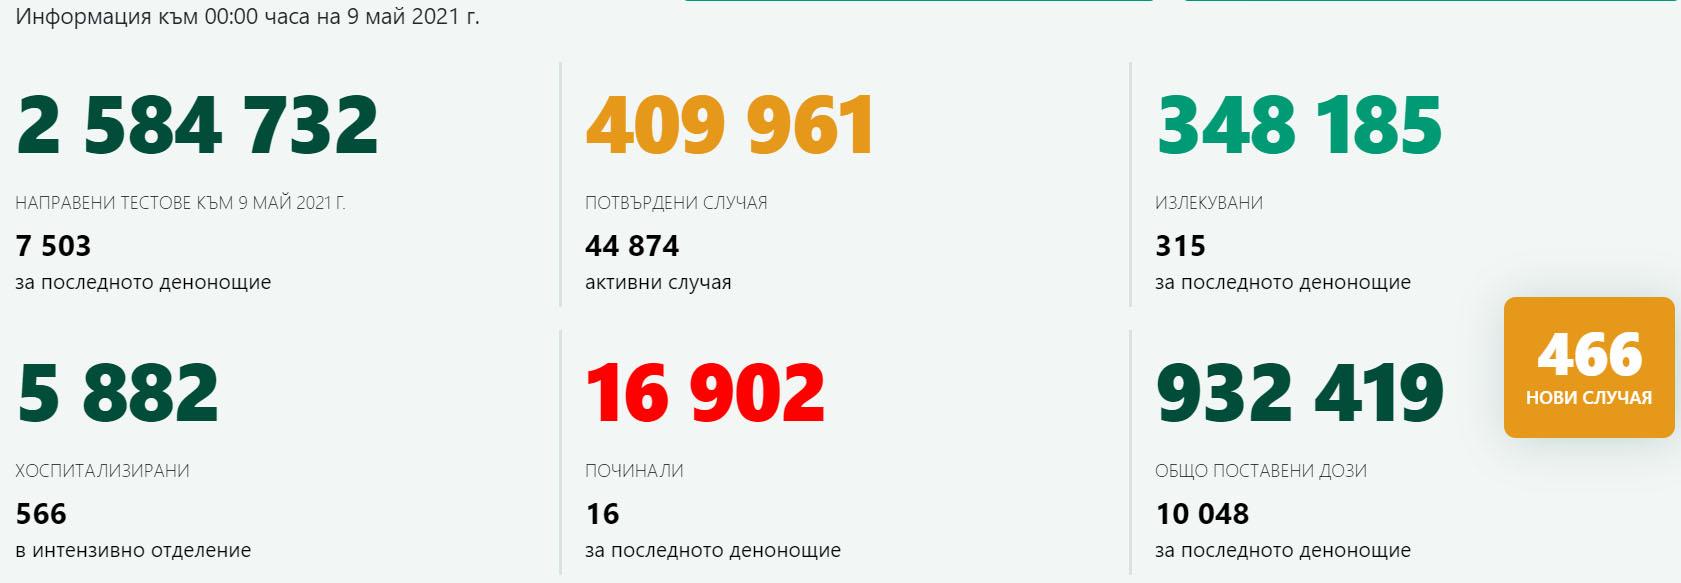 466 новозаразени – 6,21% от изследваните! Новите случаи на COVID-19 в Кърджали са 5